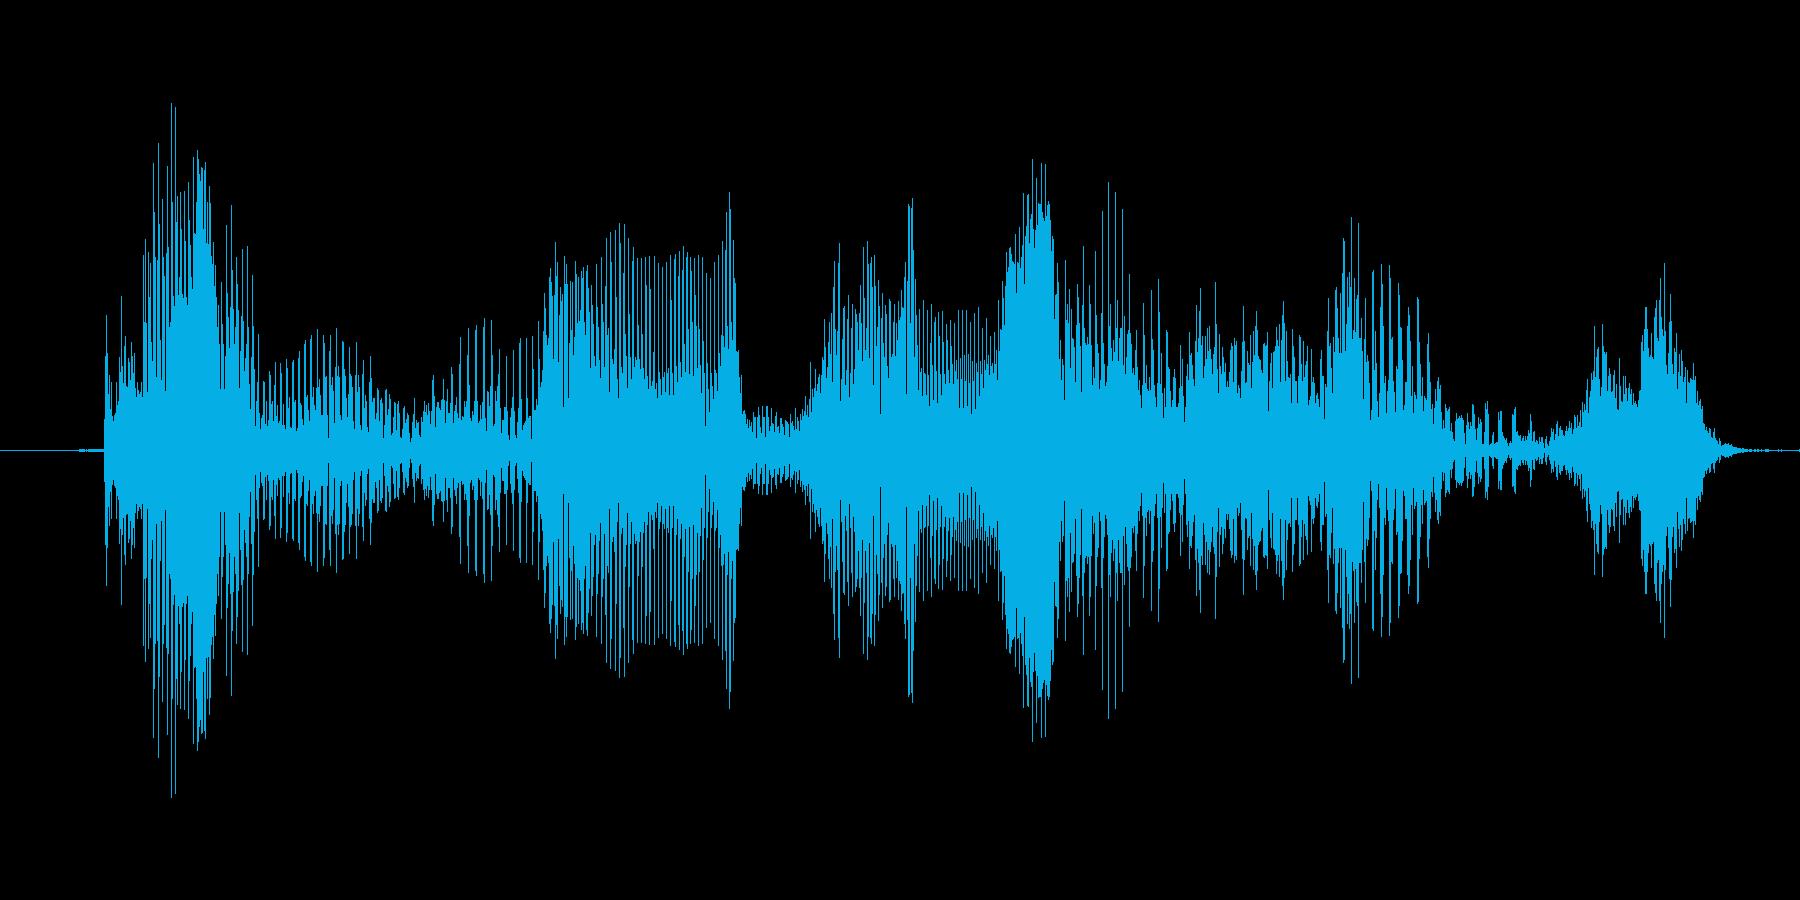 「Congratulation」英語発音の再生済みの波形